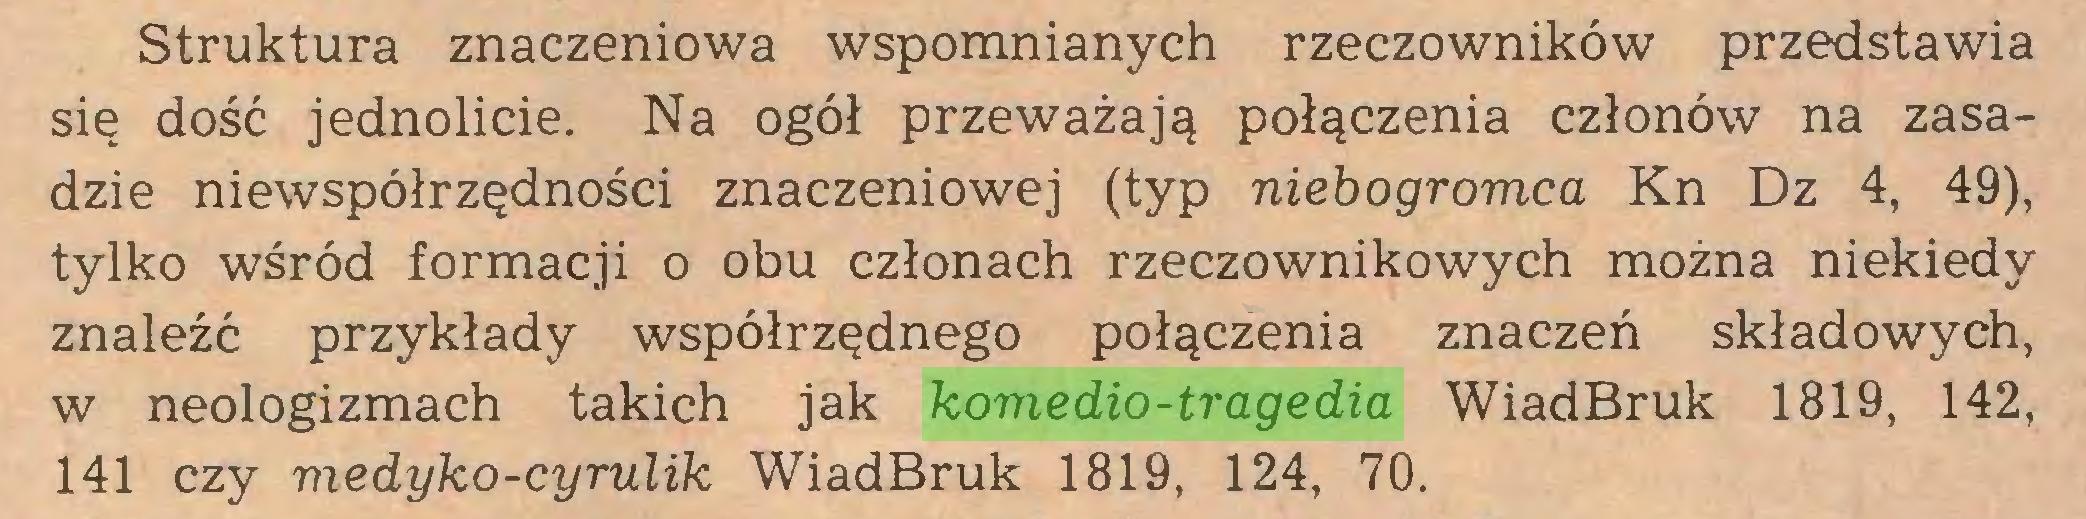 (...) Struktura znaczeniowa wspomnianych rzeczowników przedstawia się dość jednolicie. Na ogół przeważają połączenia członów na zasadzie niewspółrzędności znaczeniowej (typ niebogromca Kn Dz 4, 49), tylko wśród formacji o obu członach rzeczownikowych można niekiedy znaleźć przykłady współrzędnego połączenia znaczeń składowych, w neologizmach takich jak komedio-tragedia WiadBruk 1819, 142, 141 czy medyko-cyrulik WiadBruk 1819, 124, 70...